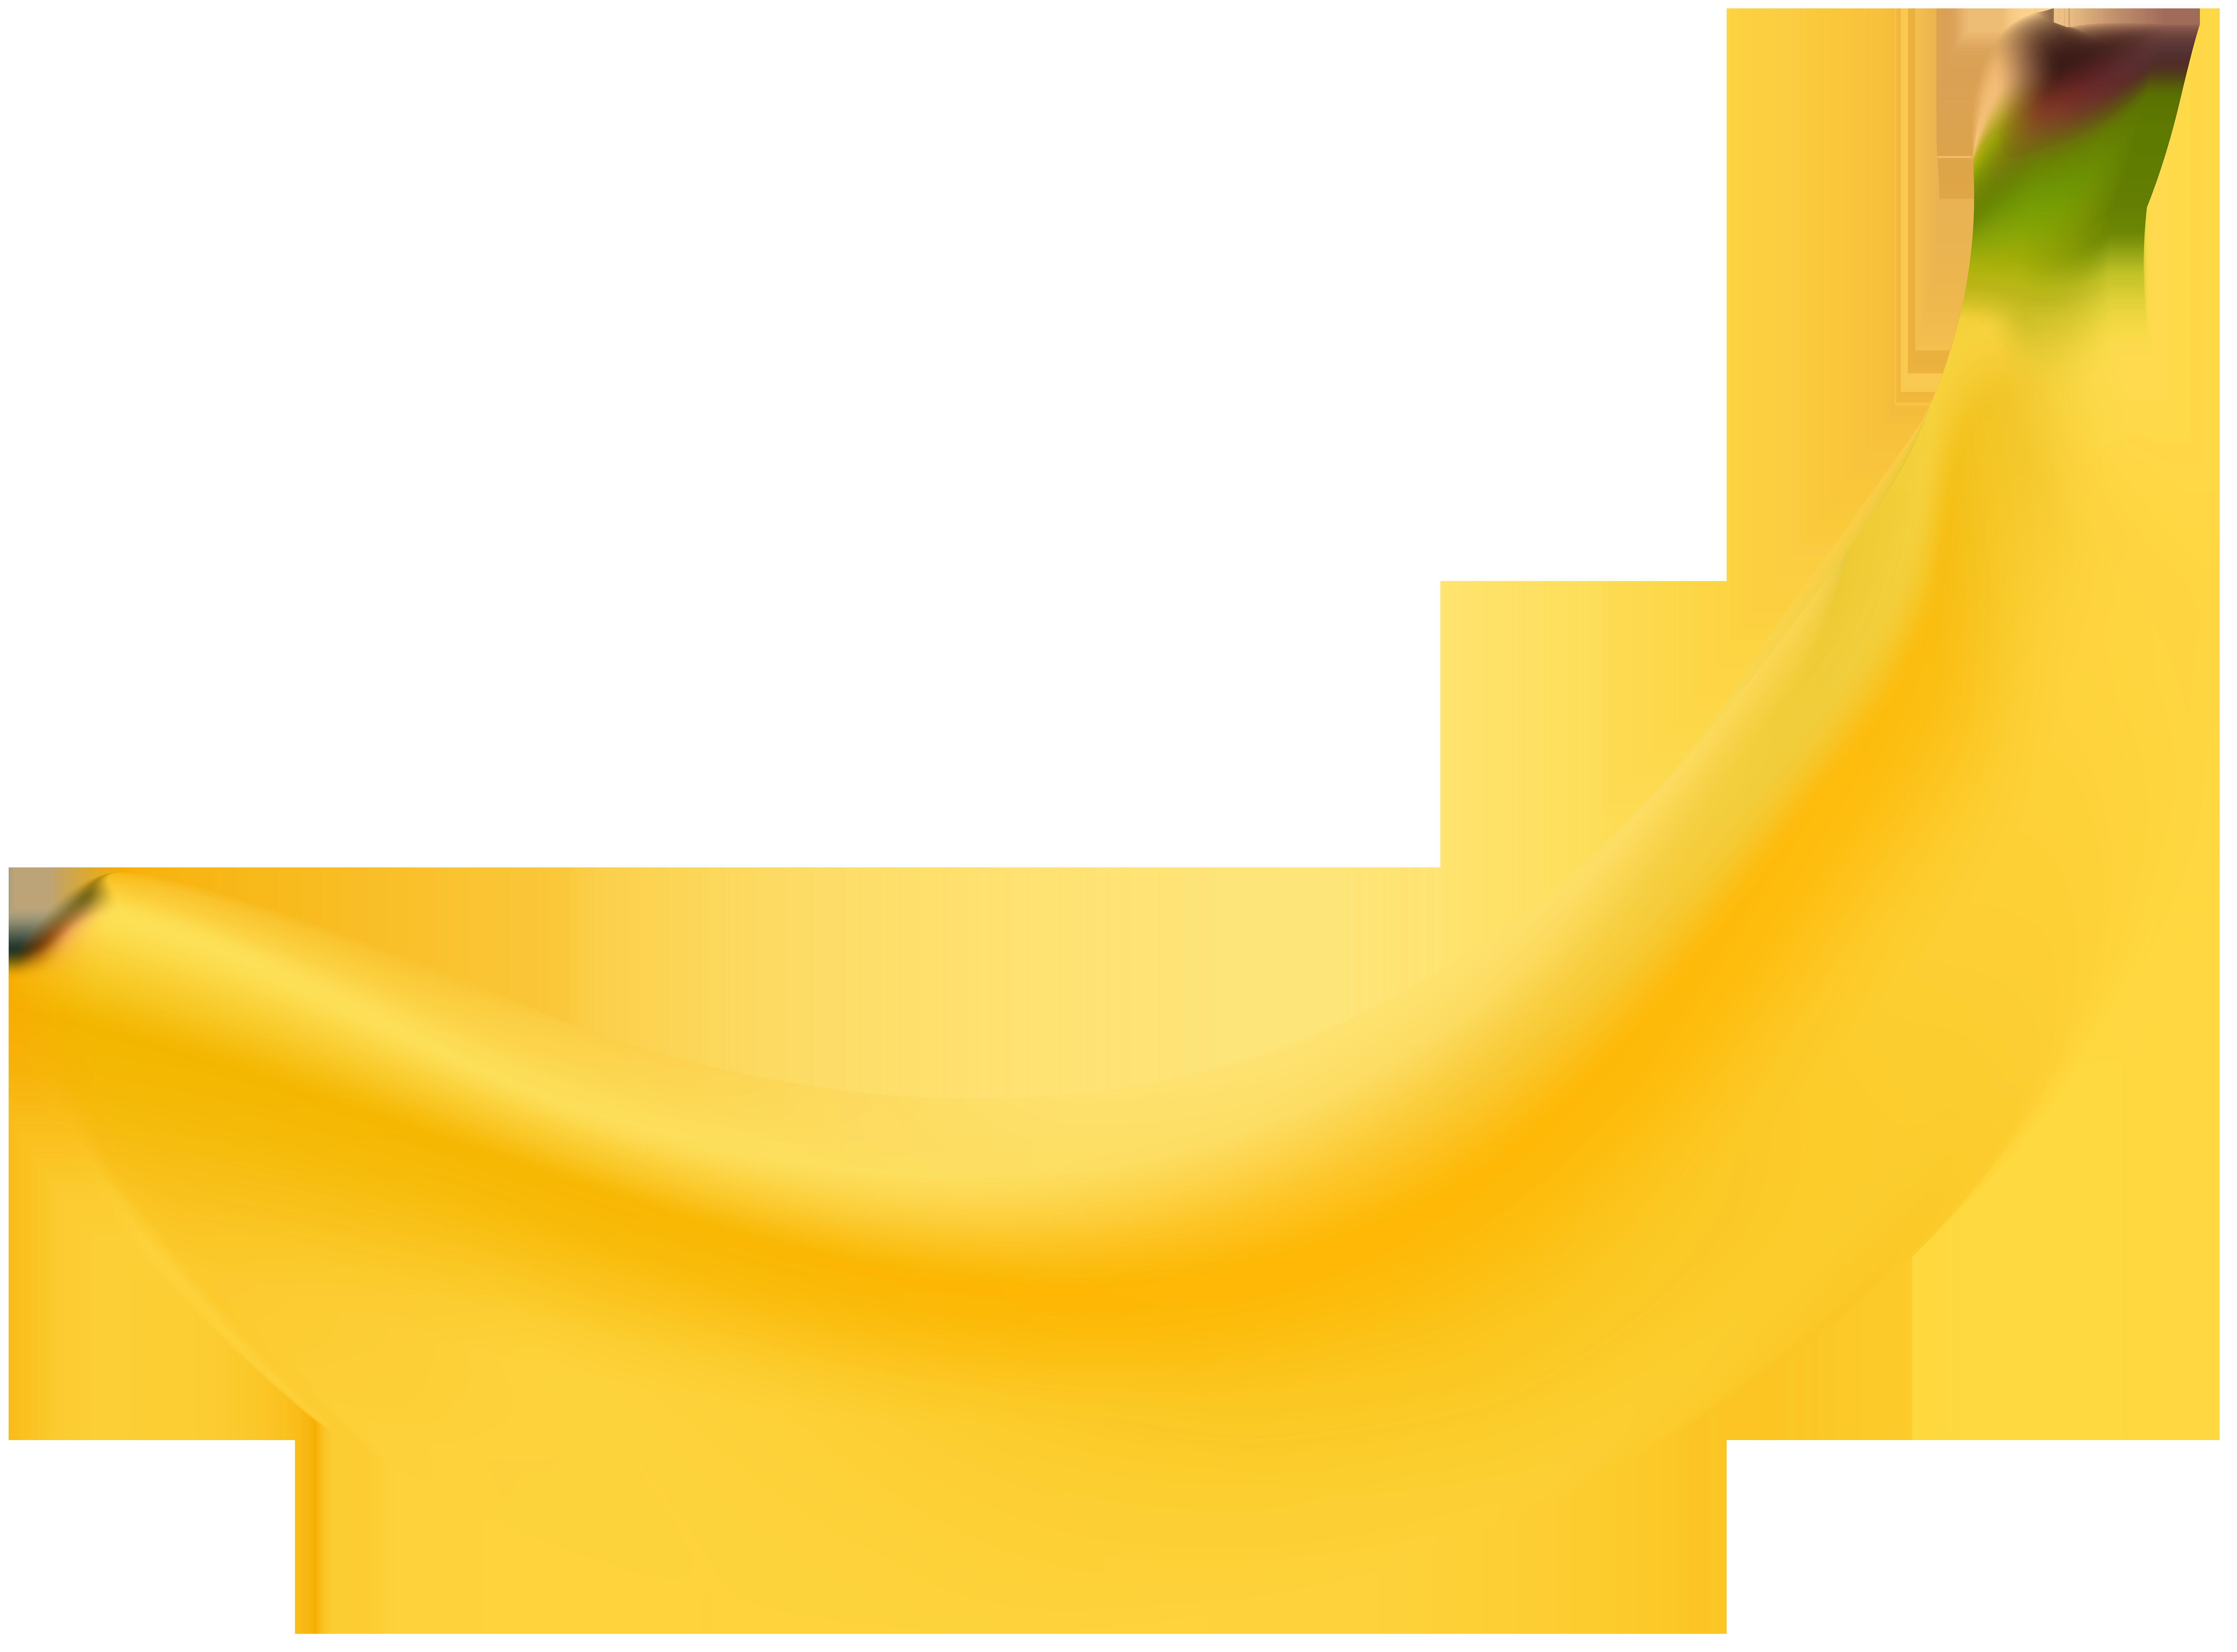 Banana transparent clipart